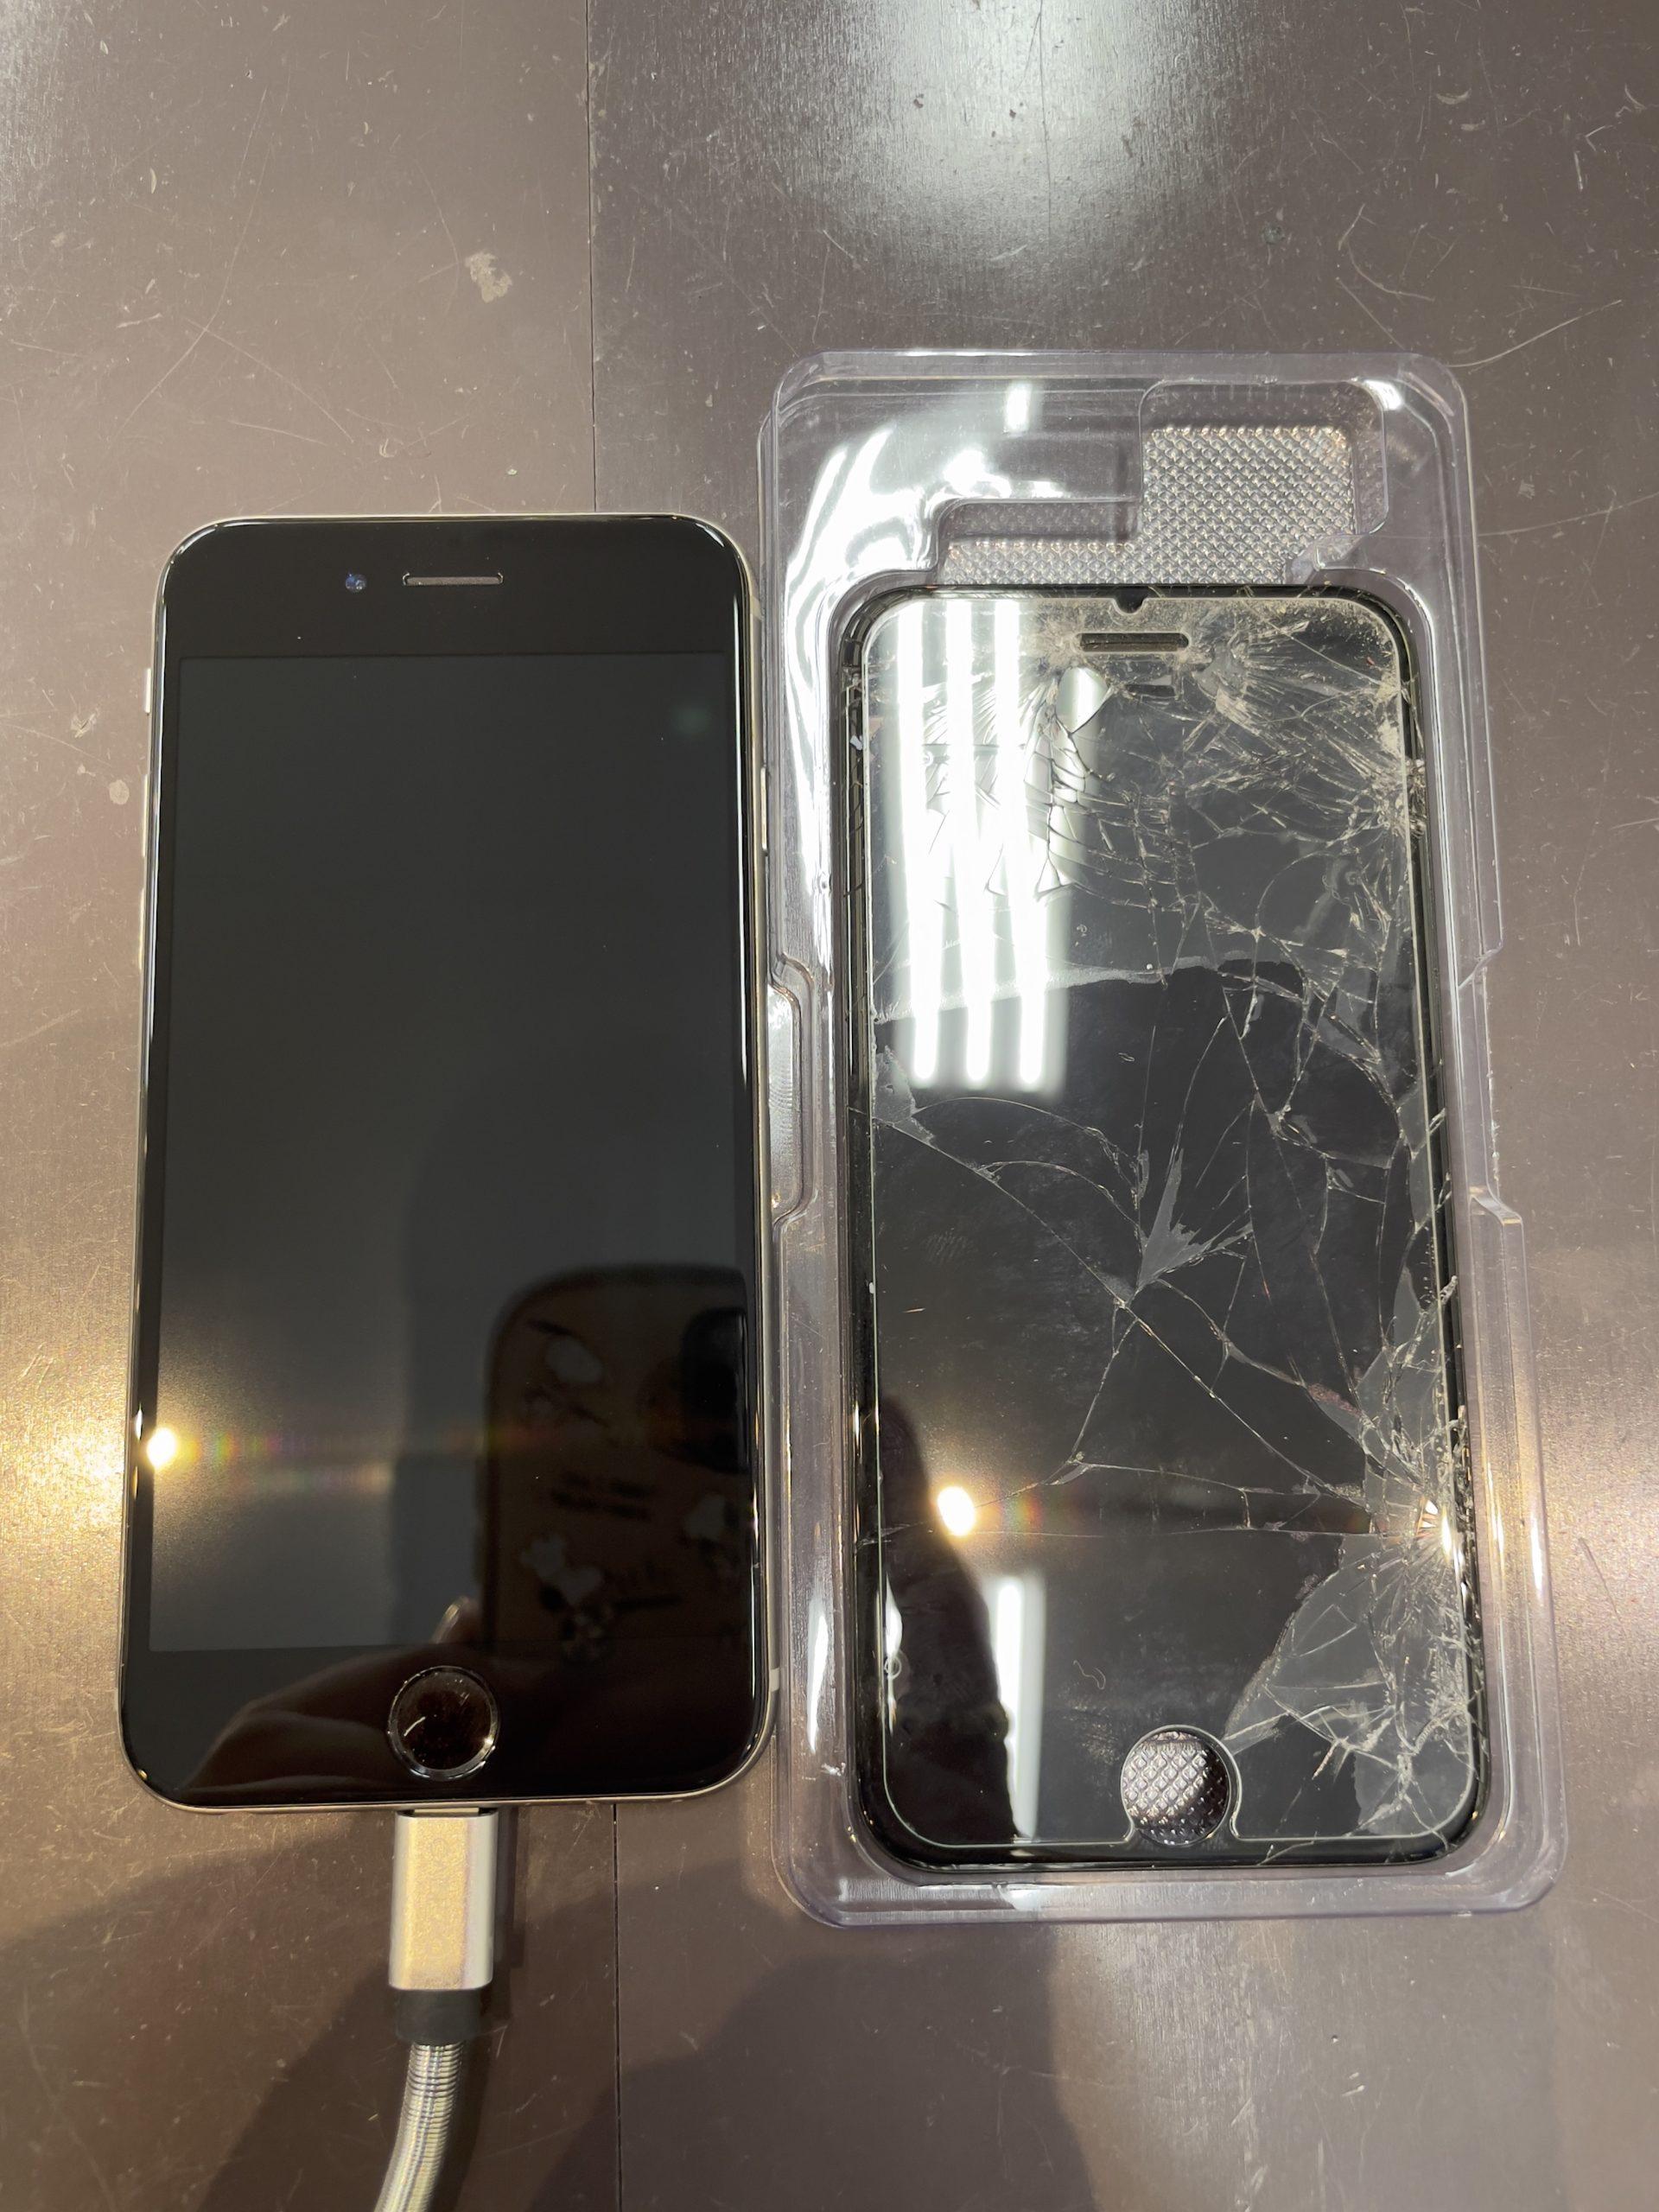 ガラスフィルムは貫通します😅【iPhone6|神埼市よりご来店】